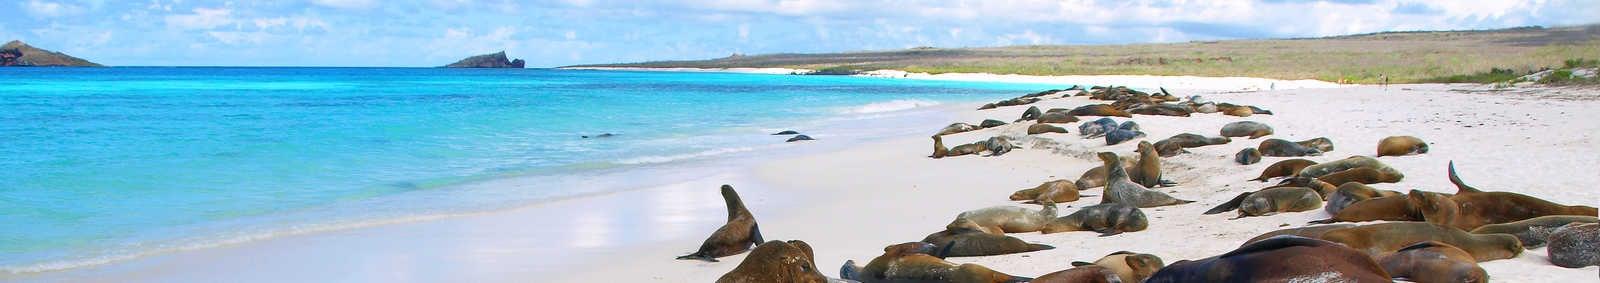 sea lions at gardner bay